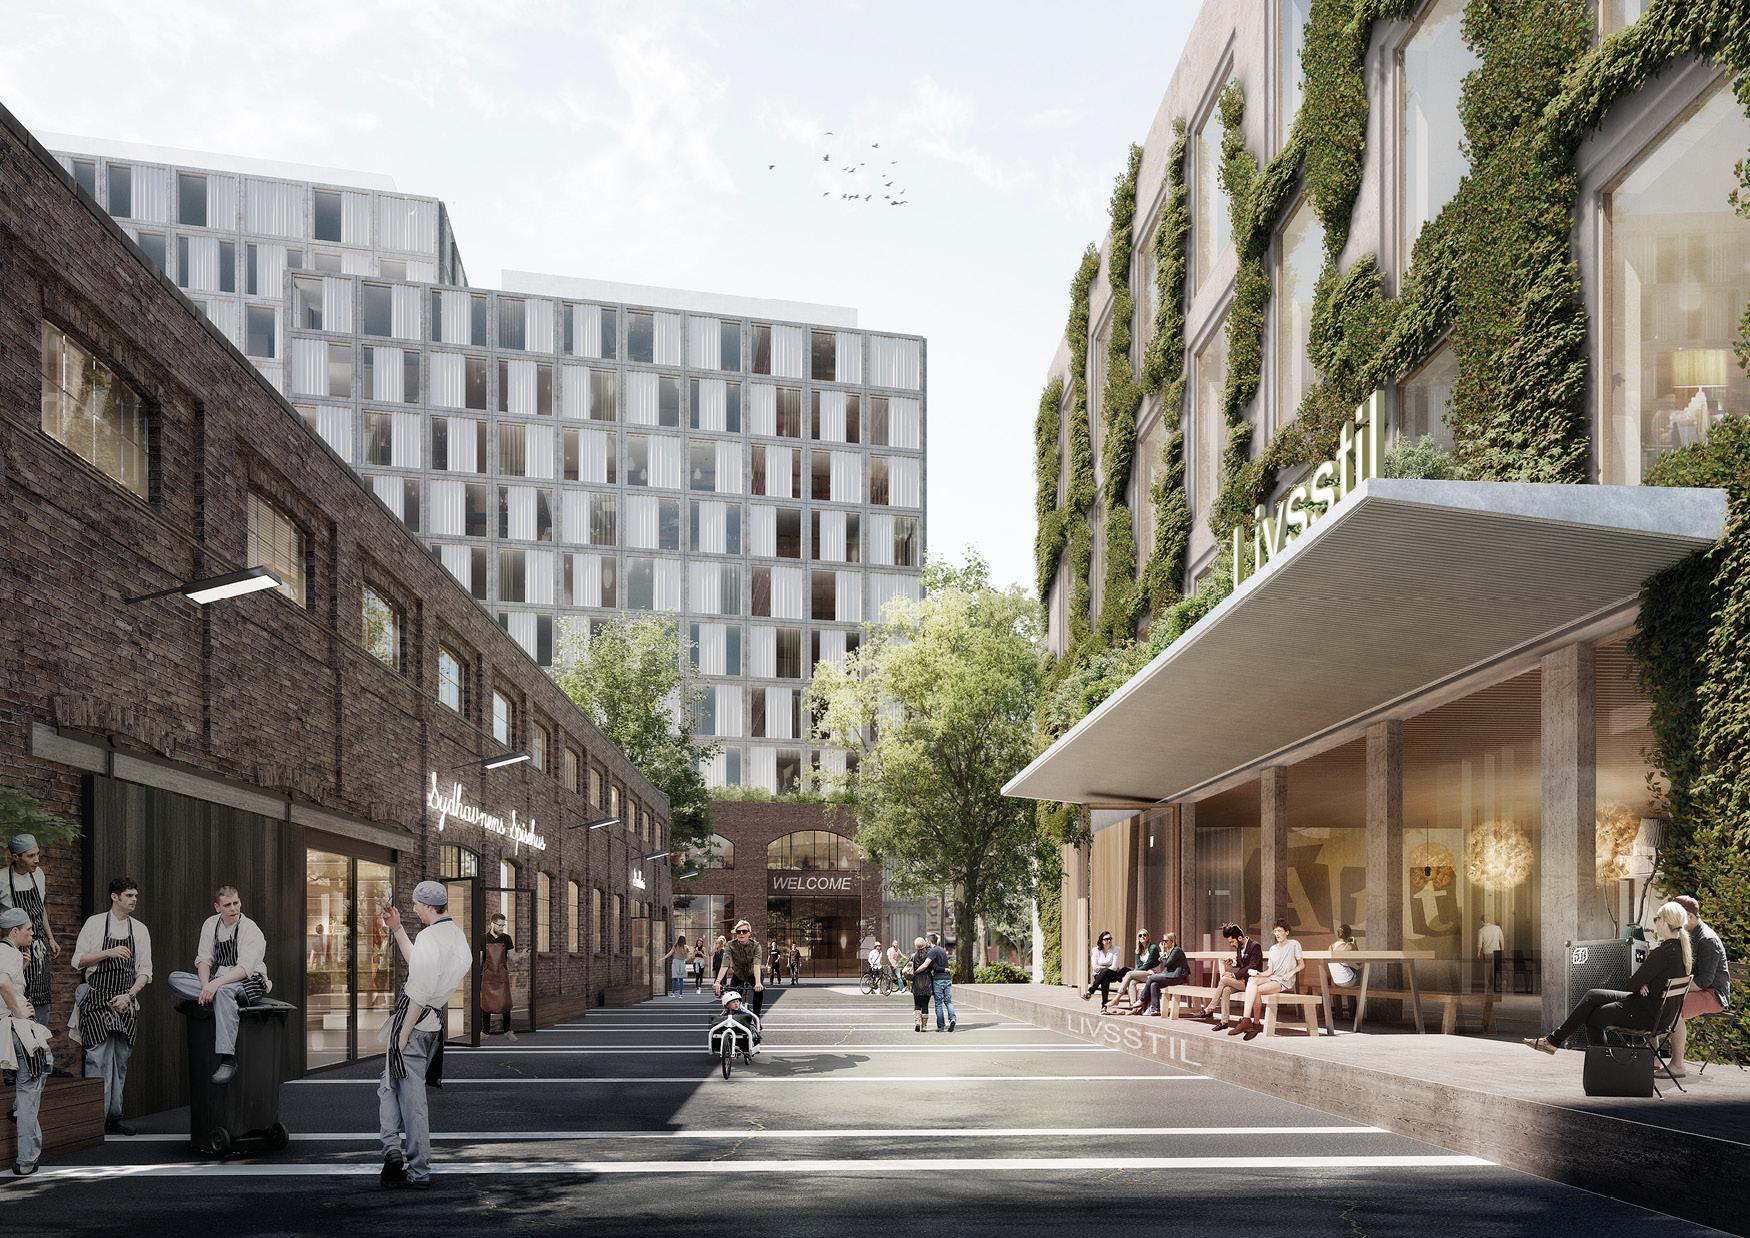 Lifestyle & Design Cluster Får Nyt Grønt Iværksættermiljø